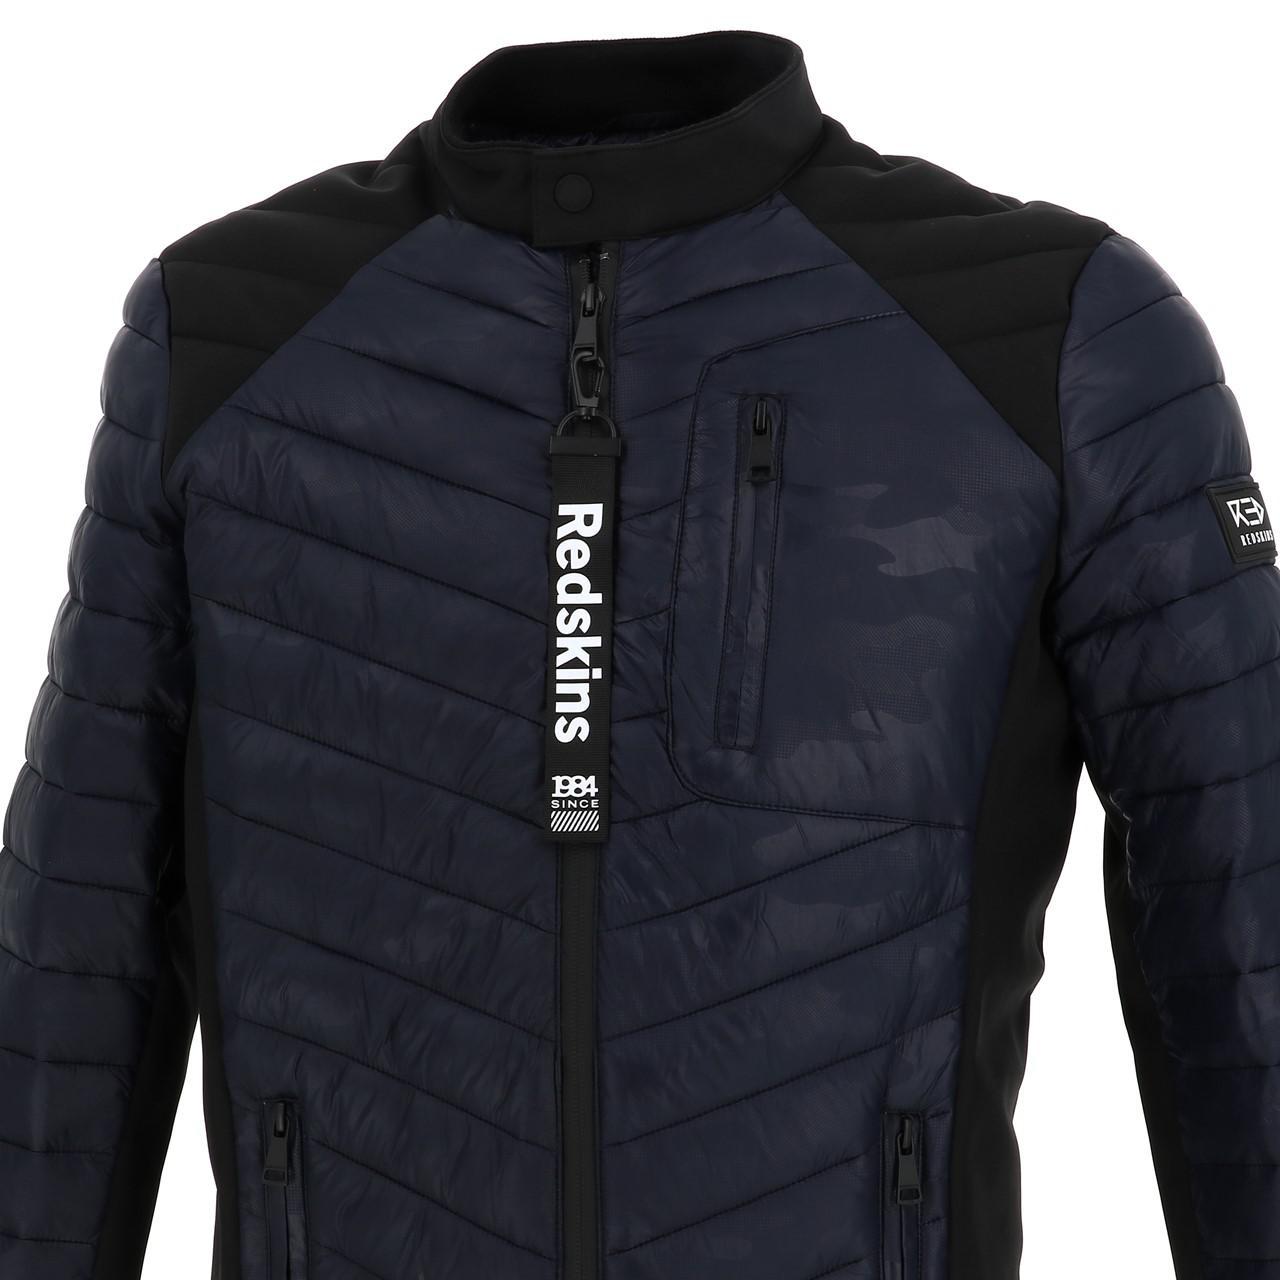 Jacke-Redskins-Heaven-Marineblau-Blk-Jacket-Blau-26281-Neu